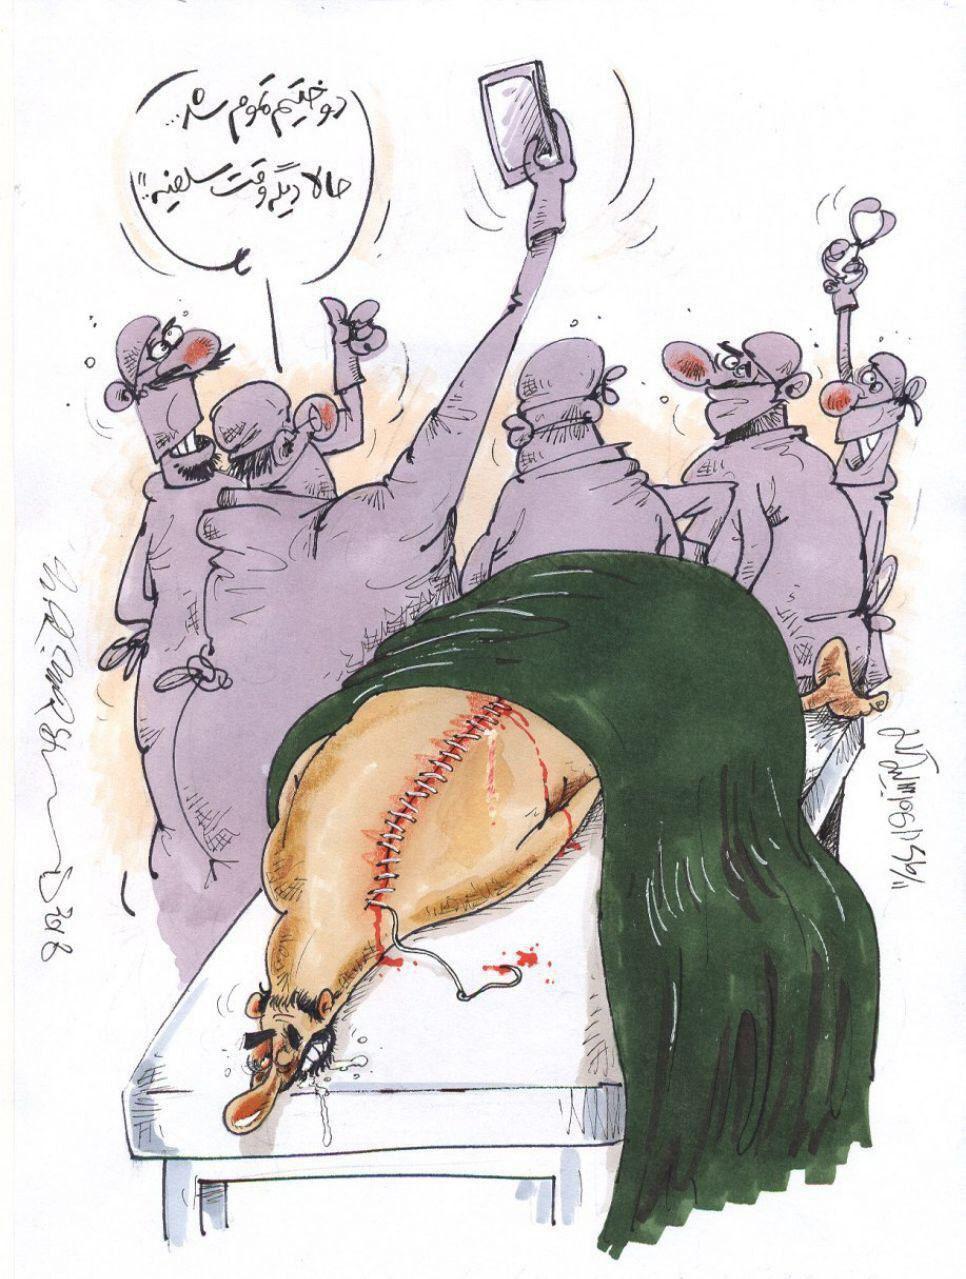 کاریکاتور/ ممنوعیت استفاده از تلفن همراه در حین اجرای کار در مراکز درمانی